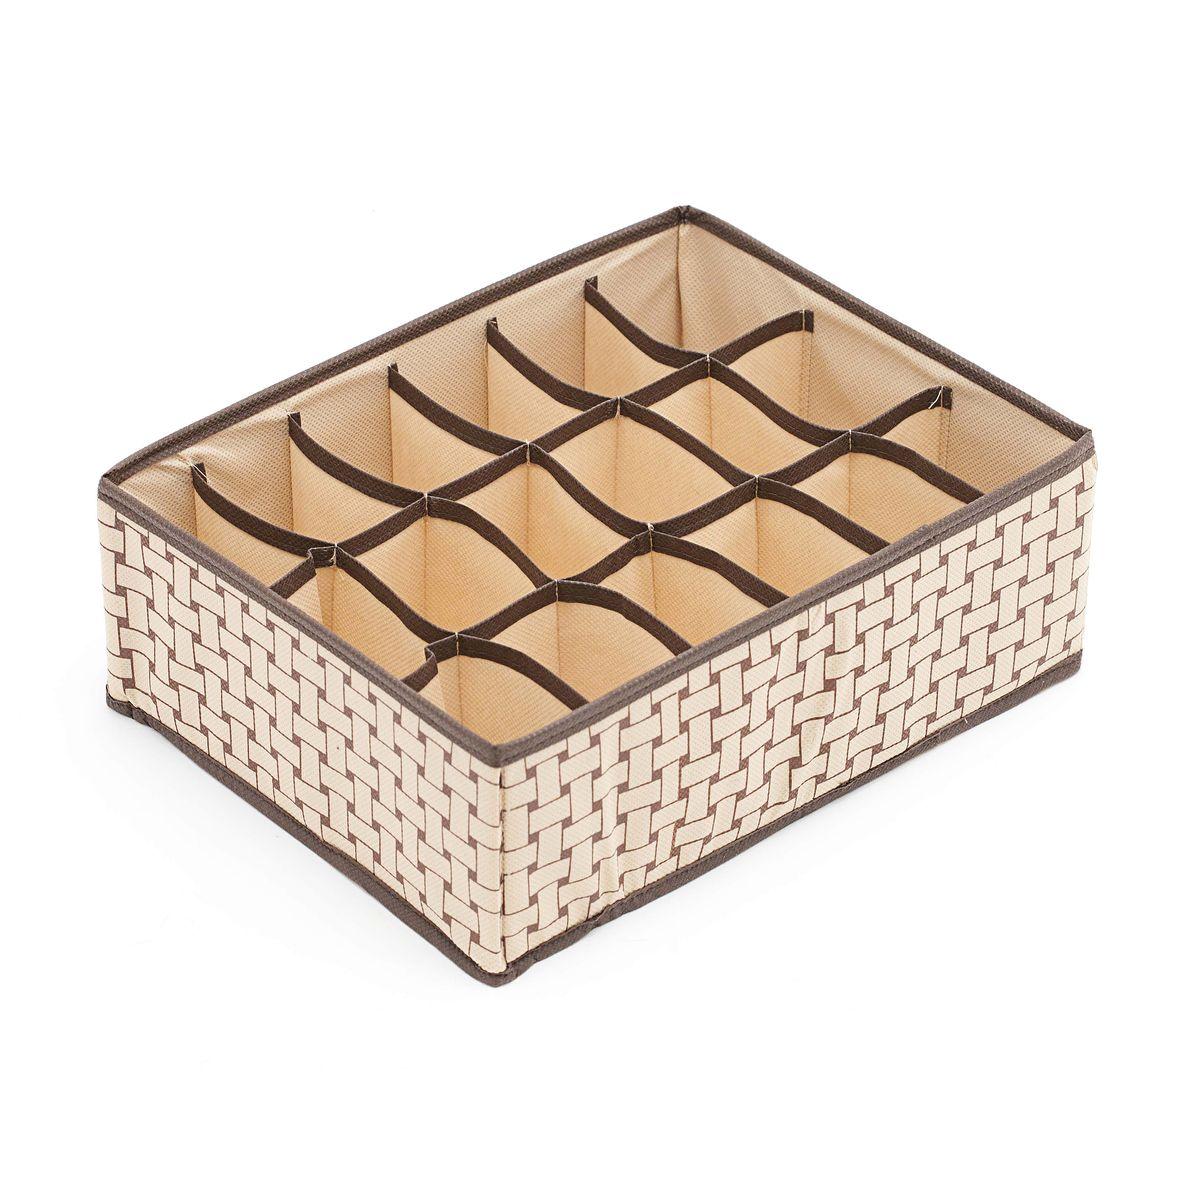 Органайзер Homsu Pletenka, на 18 секций, 31 x 24 x 11 смHOM-161Квадратный и плоский органайзер с 18 раздельными ячейками 7 см на 5 см очень удобен для хранения мелких вещей в вашем ящике или на полке. Идеально для носков, платков, галстуков и других вещей ежедневного пользования. Имеет жесткие борта, что является гарантией сохраности вещей. Фактический цвет может отличаться от заявленного.